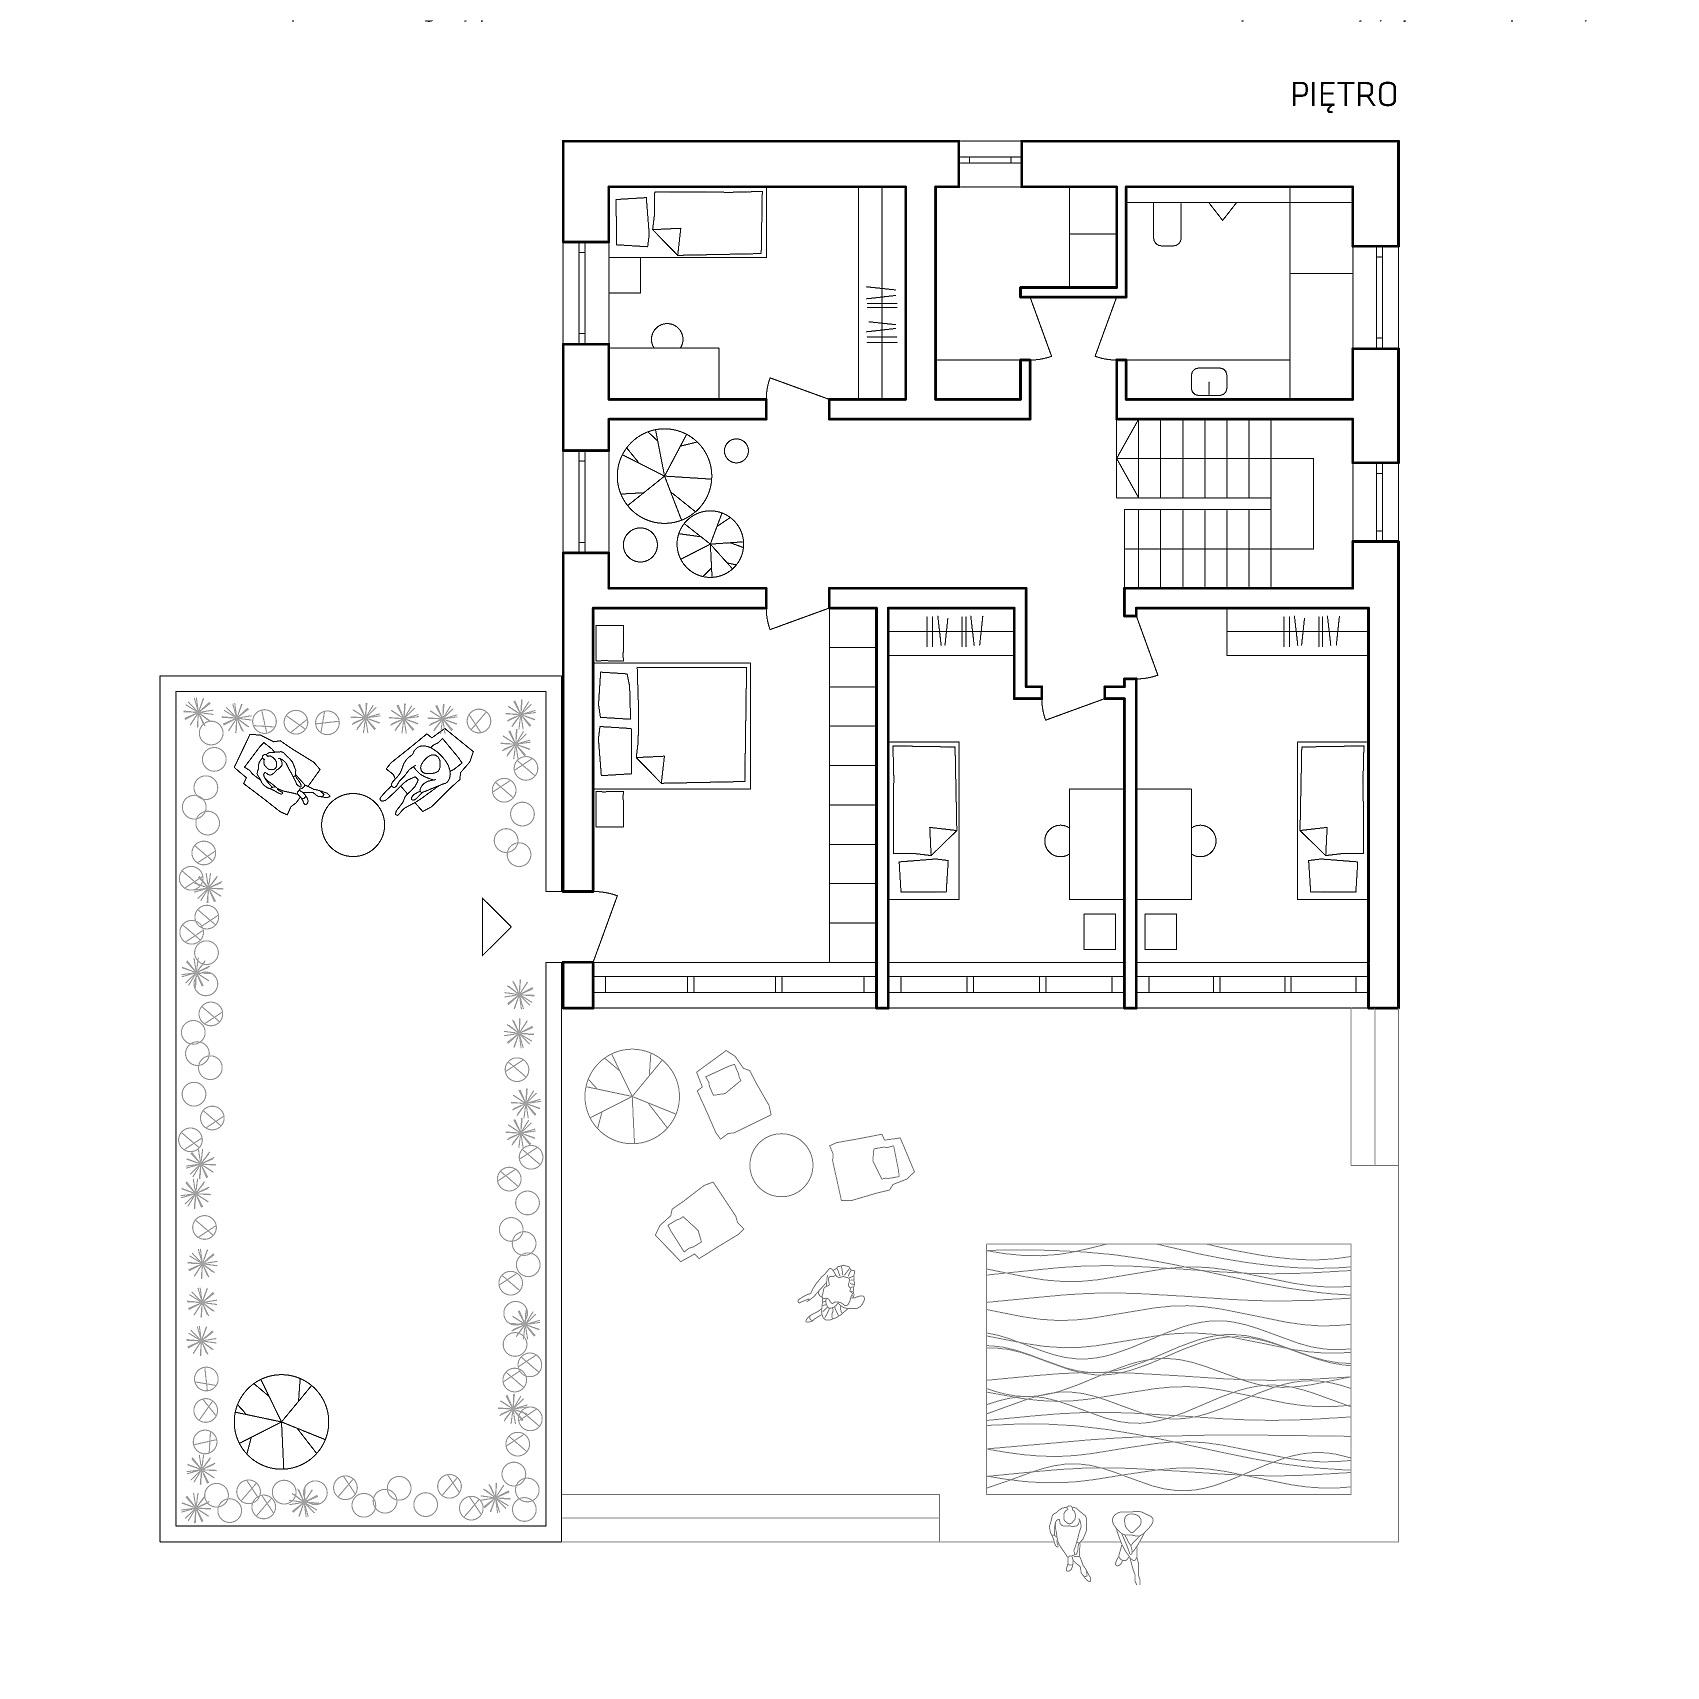 02 PIETRO ARCHITEKT | SENSEGROUP | PSZCZYNA